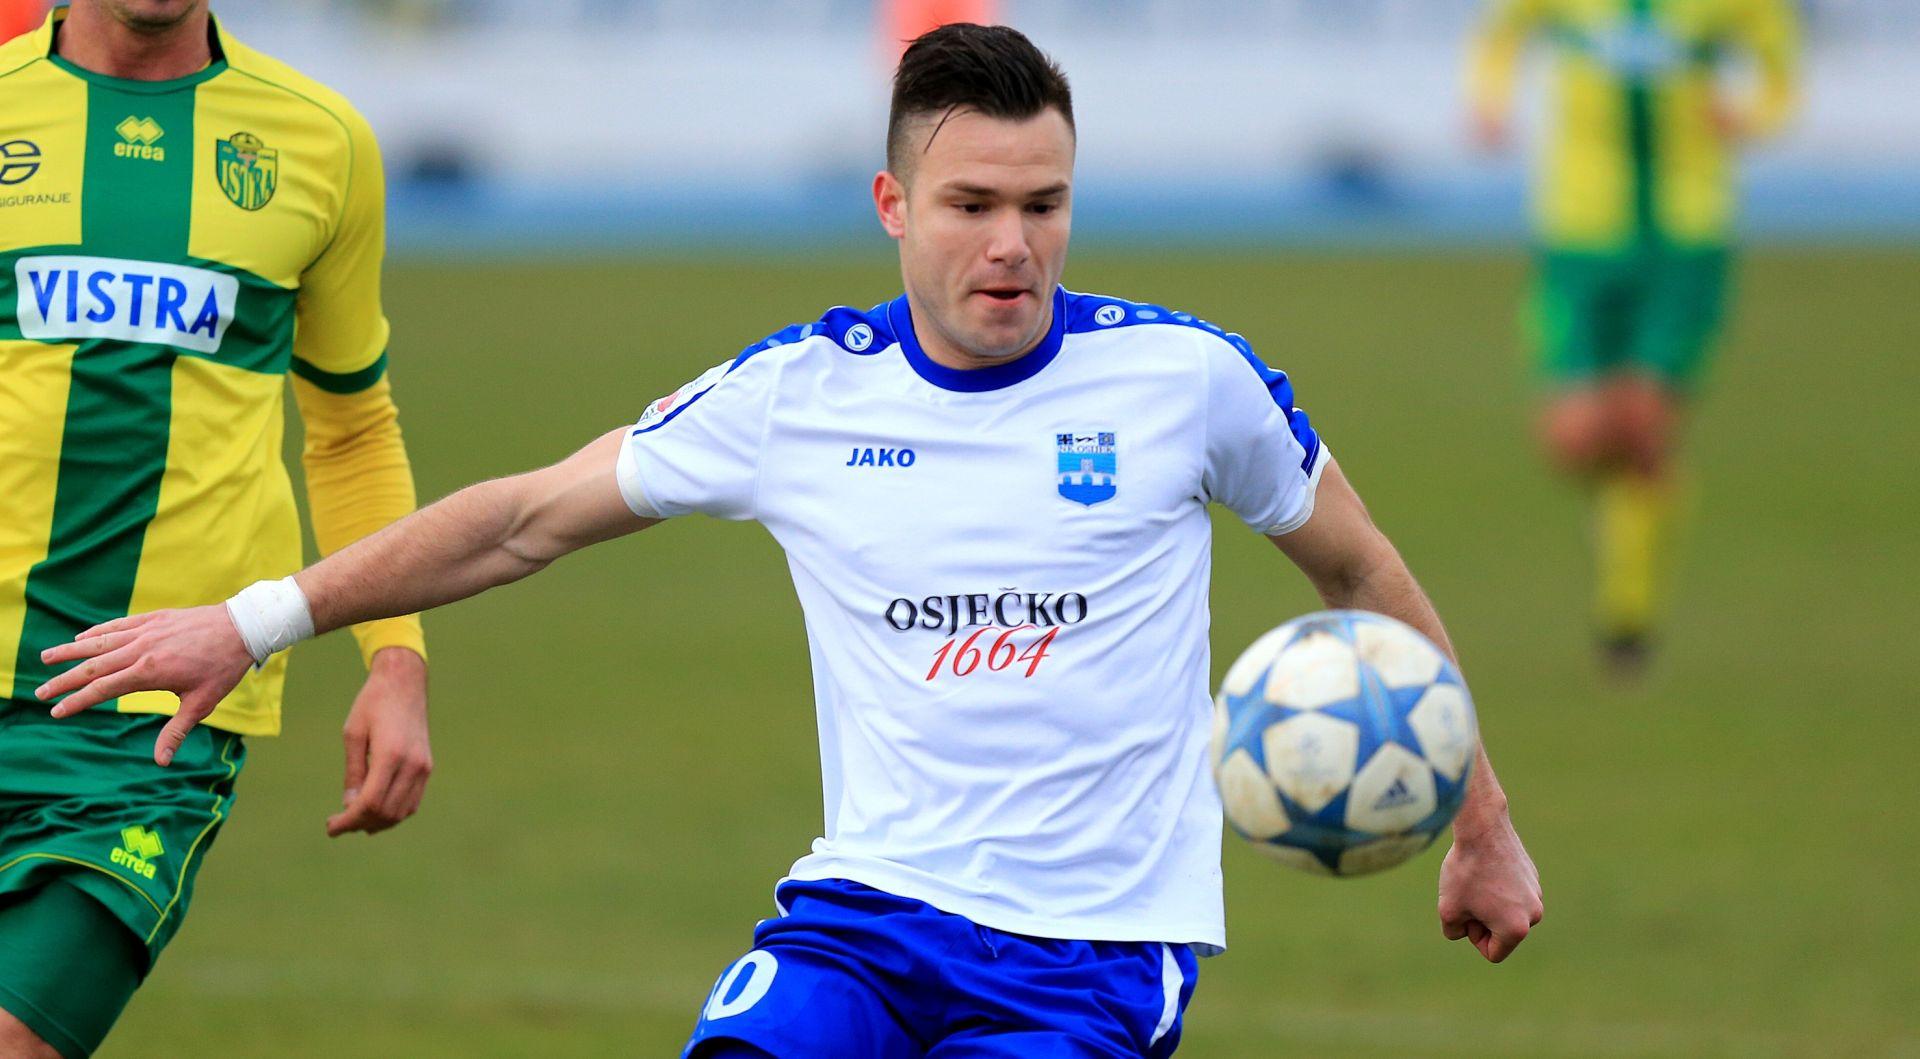 HNL Osijek sezonu otvorio pobjedom na Aldo Drosini